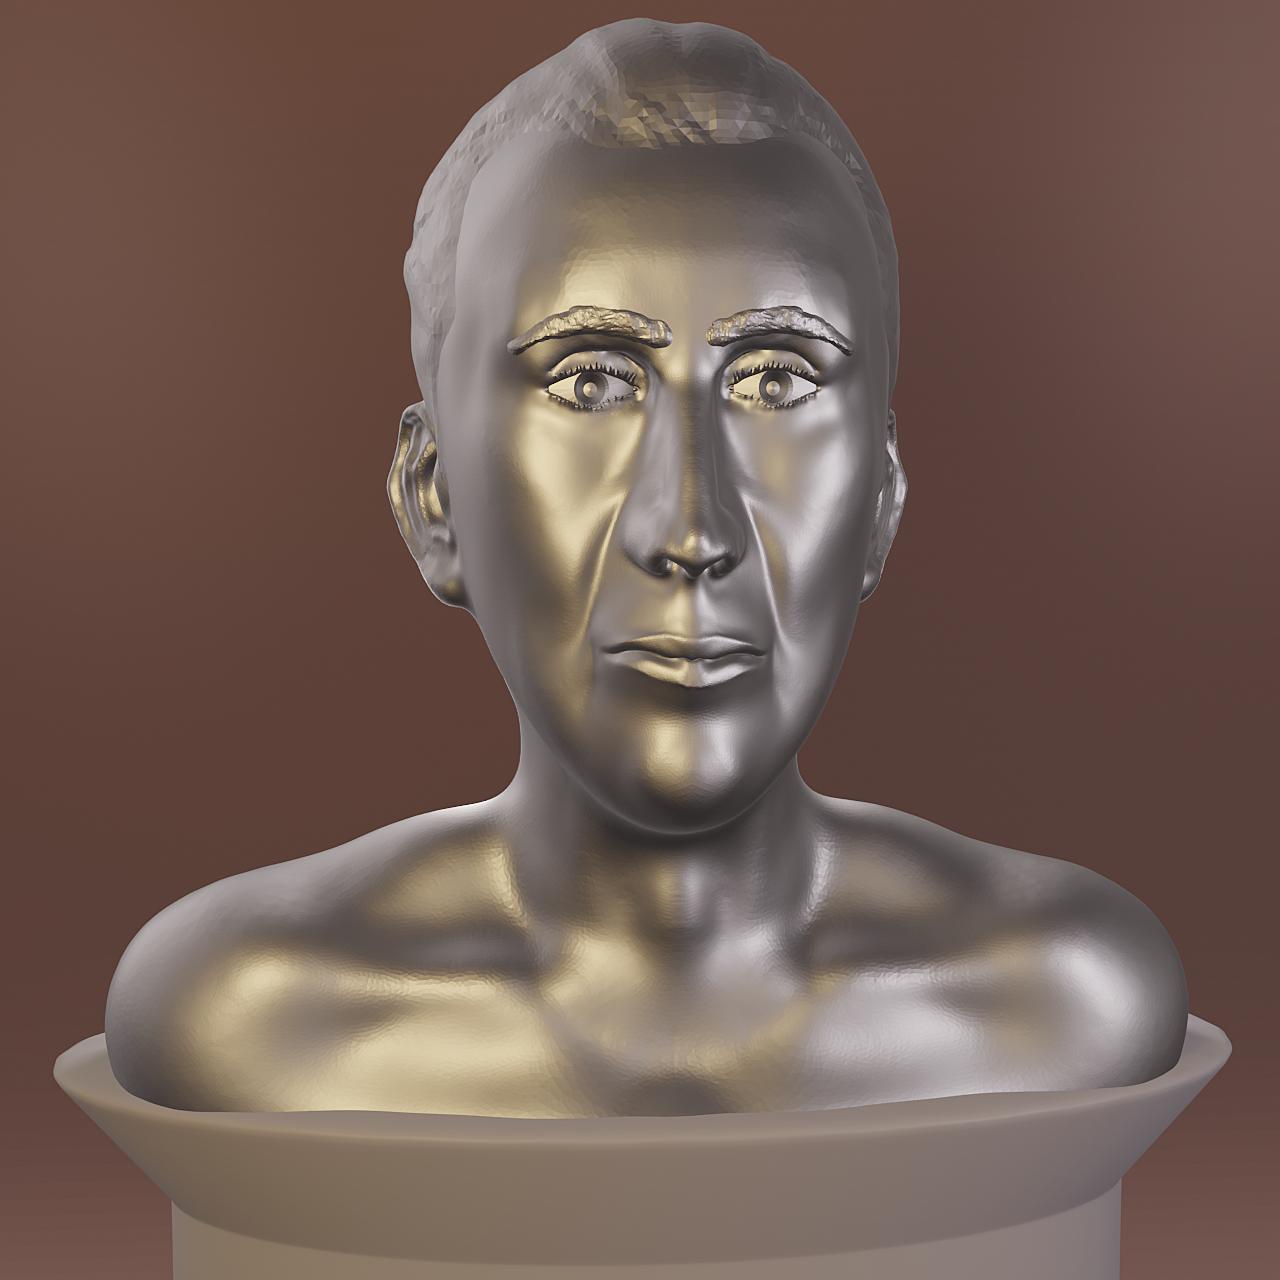 Sculpting portraits - NC